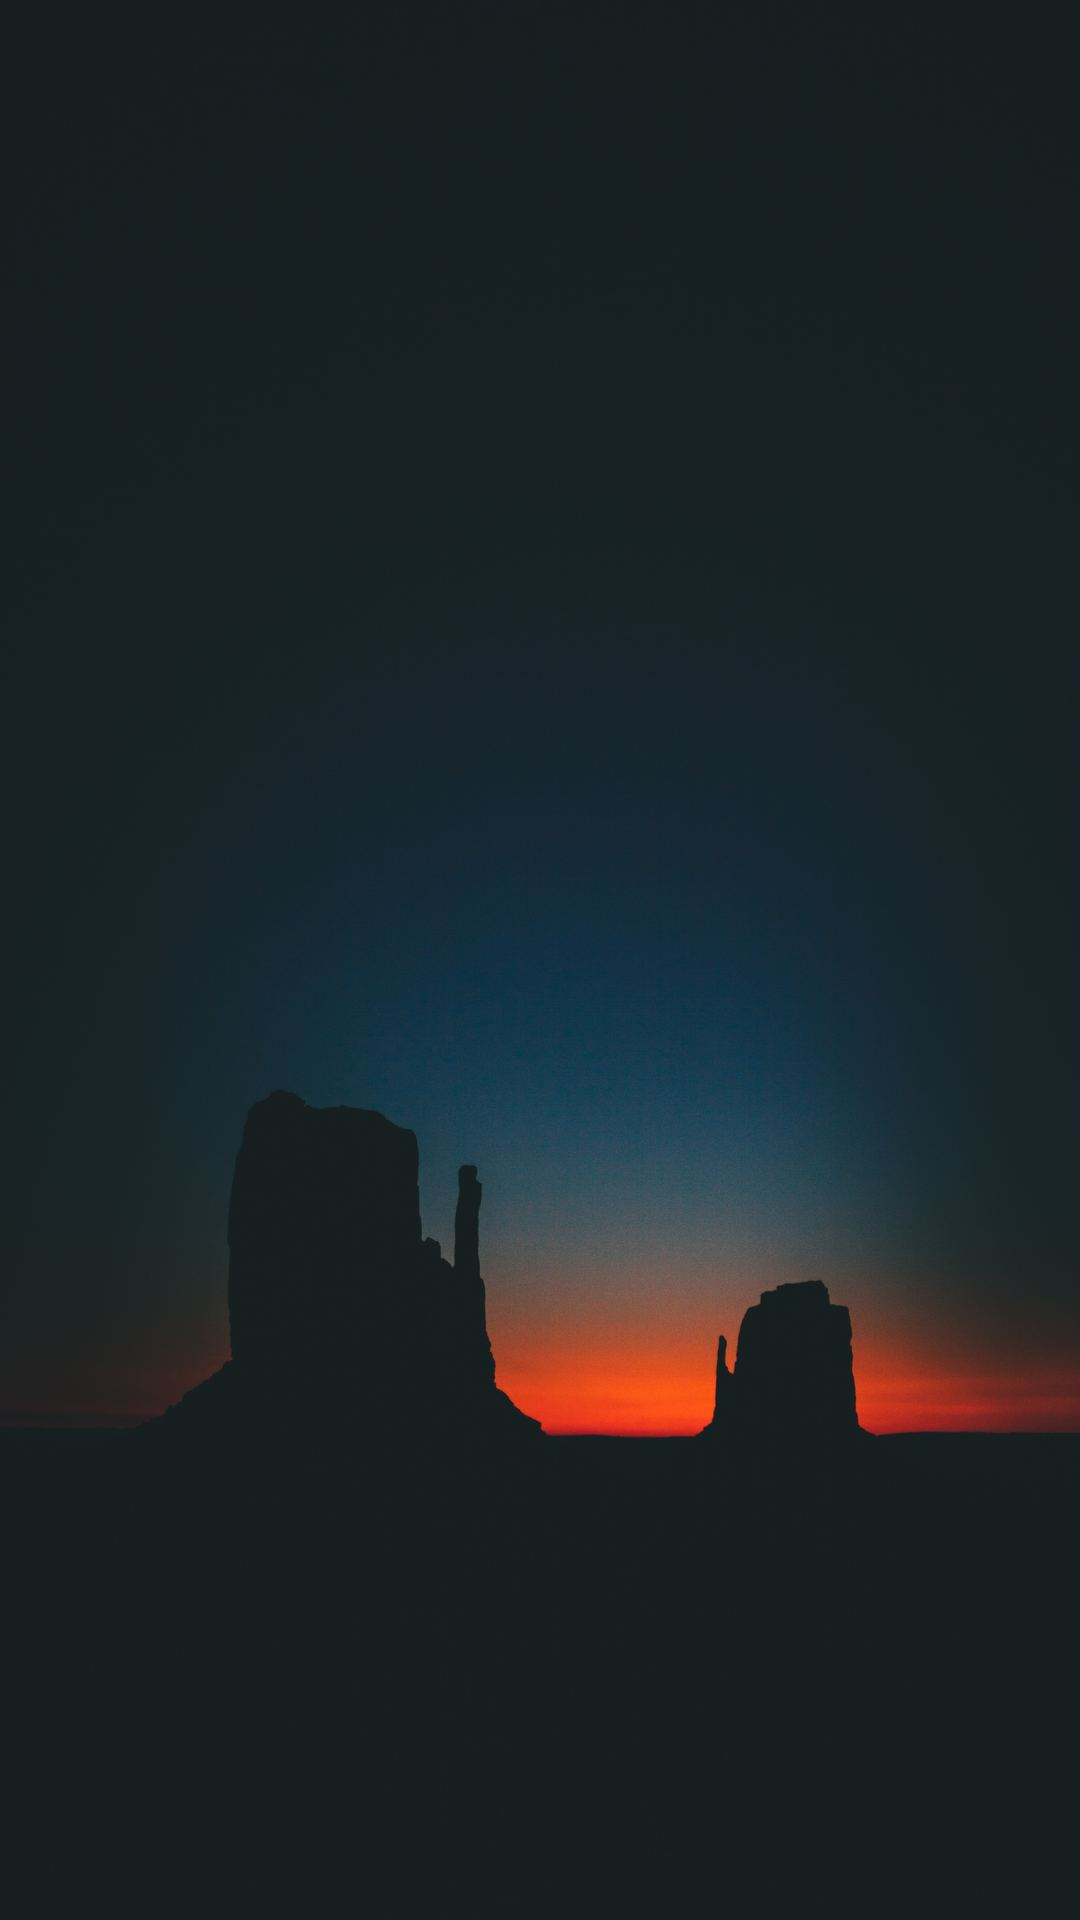 خلفيات ايفون سماء ليل Hd 2020 مربع